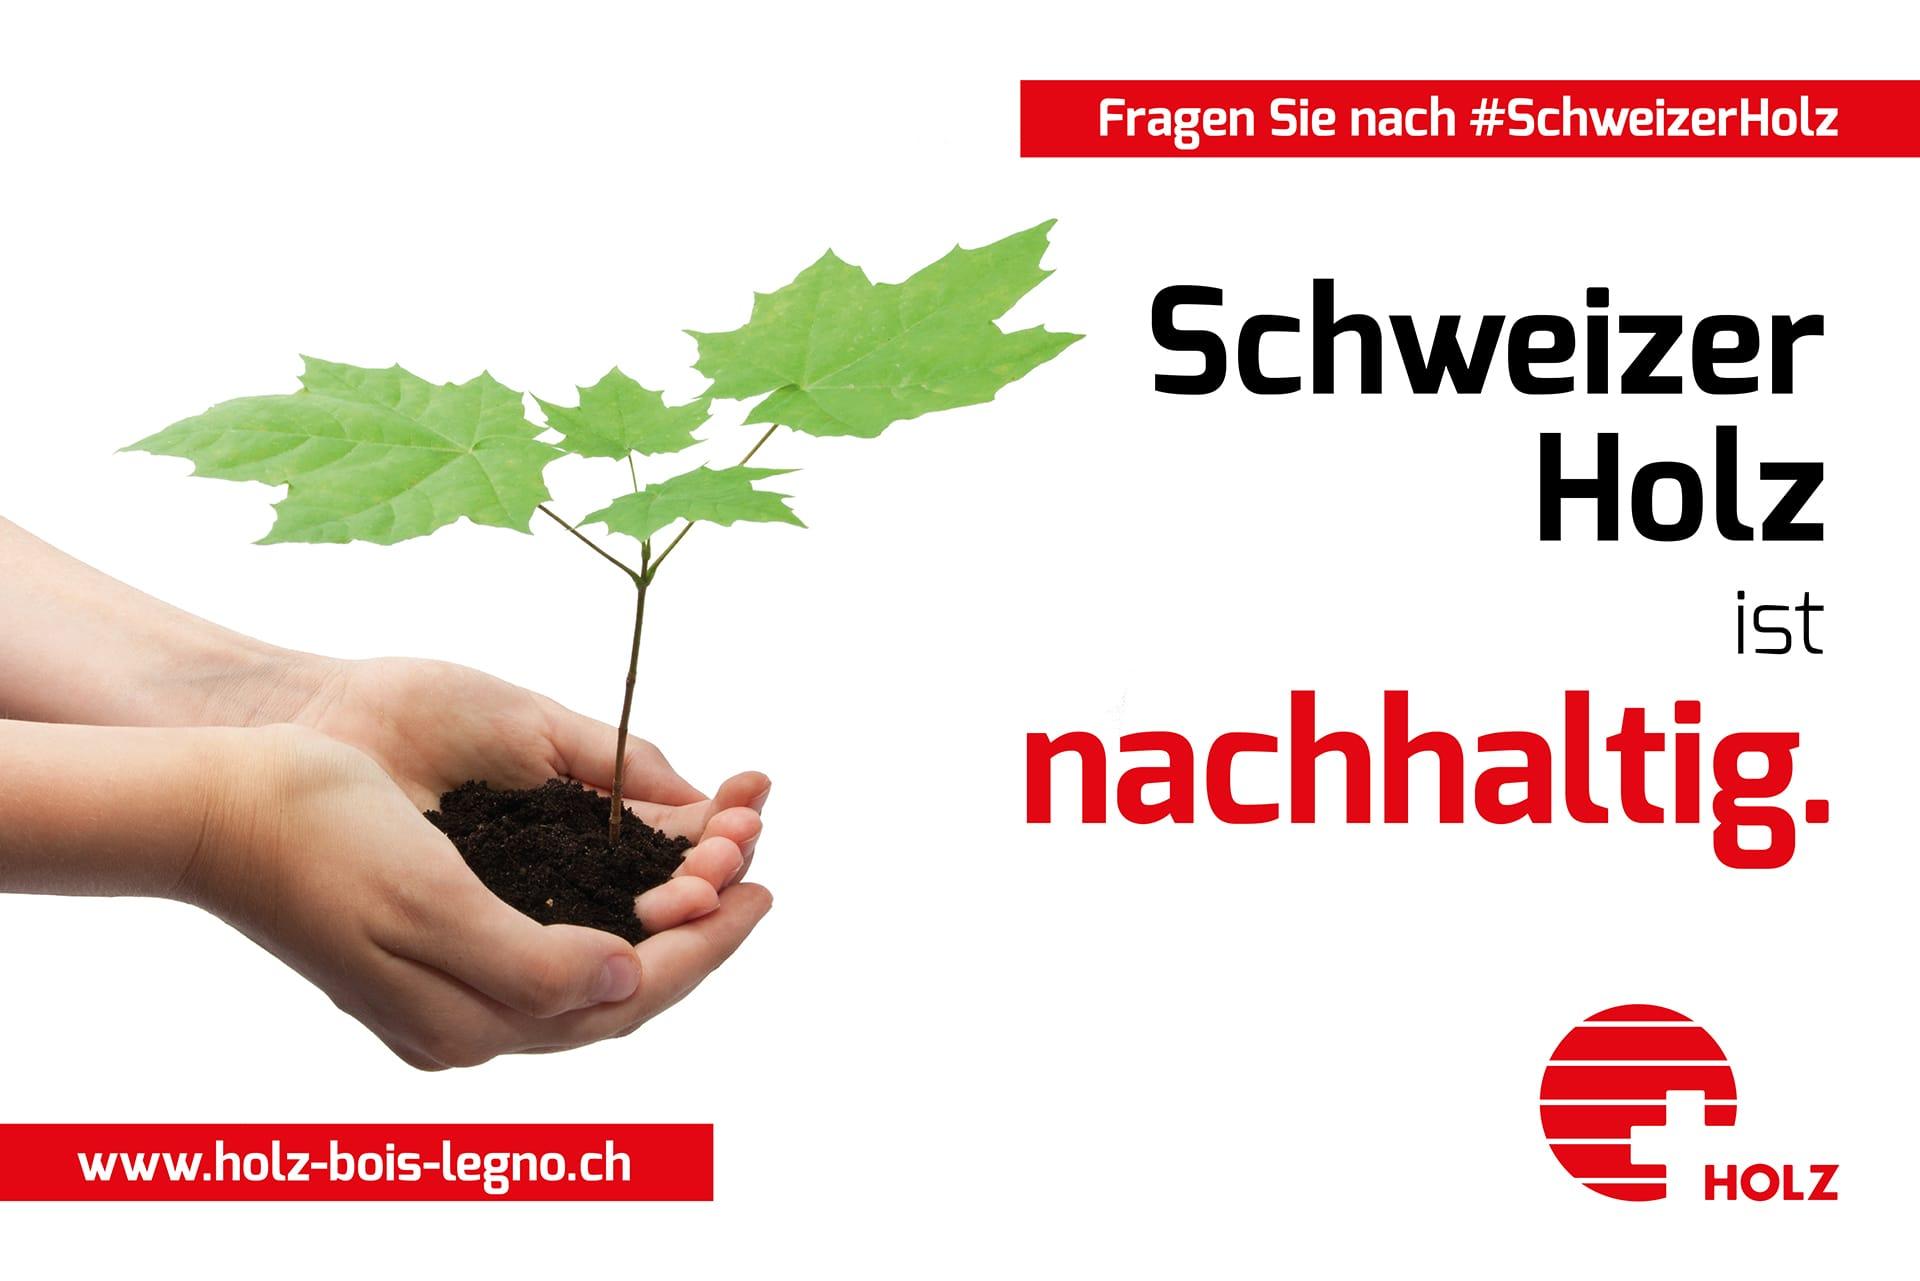 Schweizer Holz ist nachhaltig